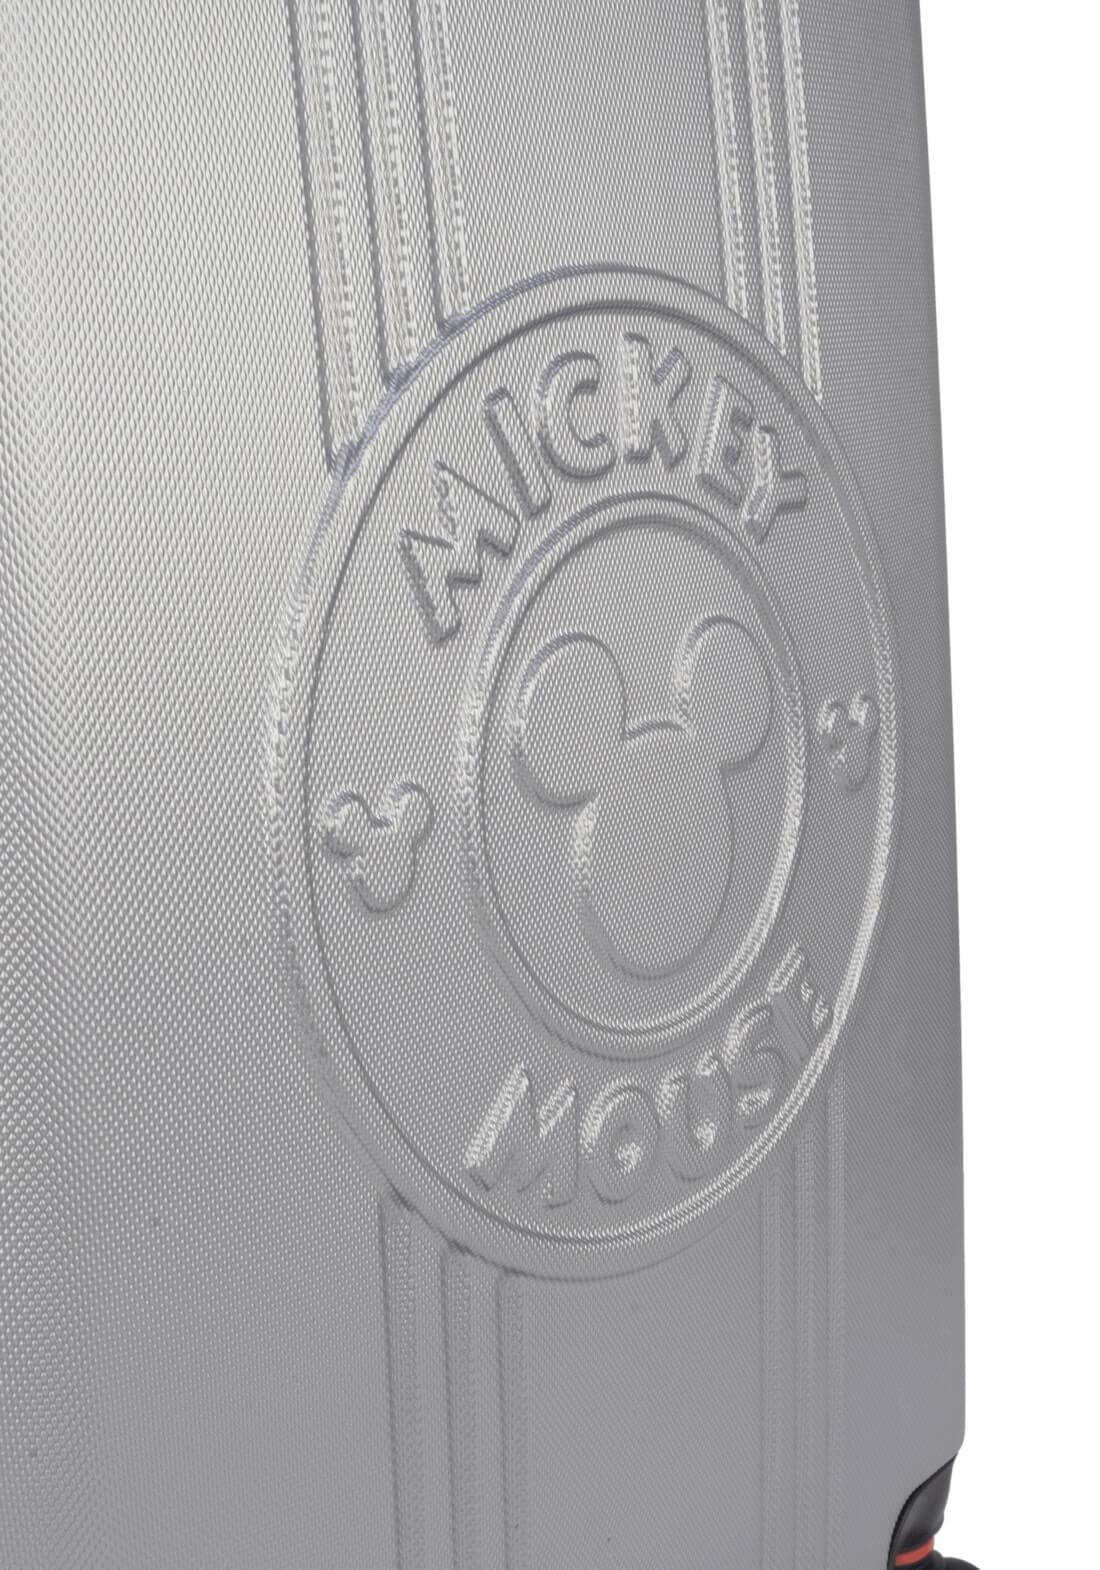 Mala De Viagem Rígida Mickey Mouse Prata Pequena Original